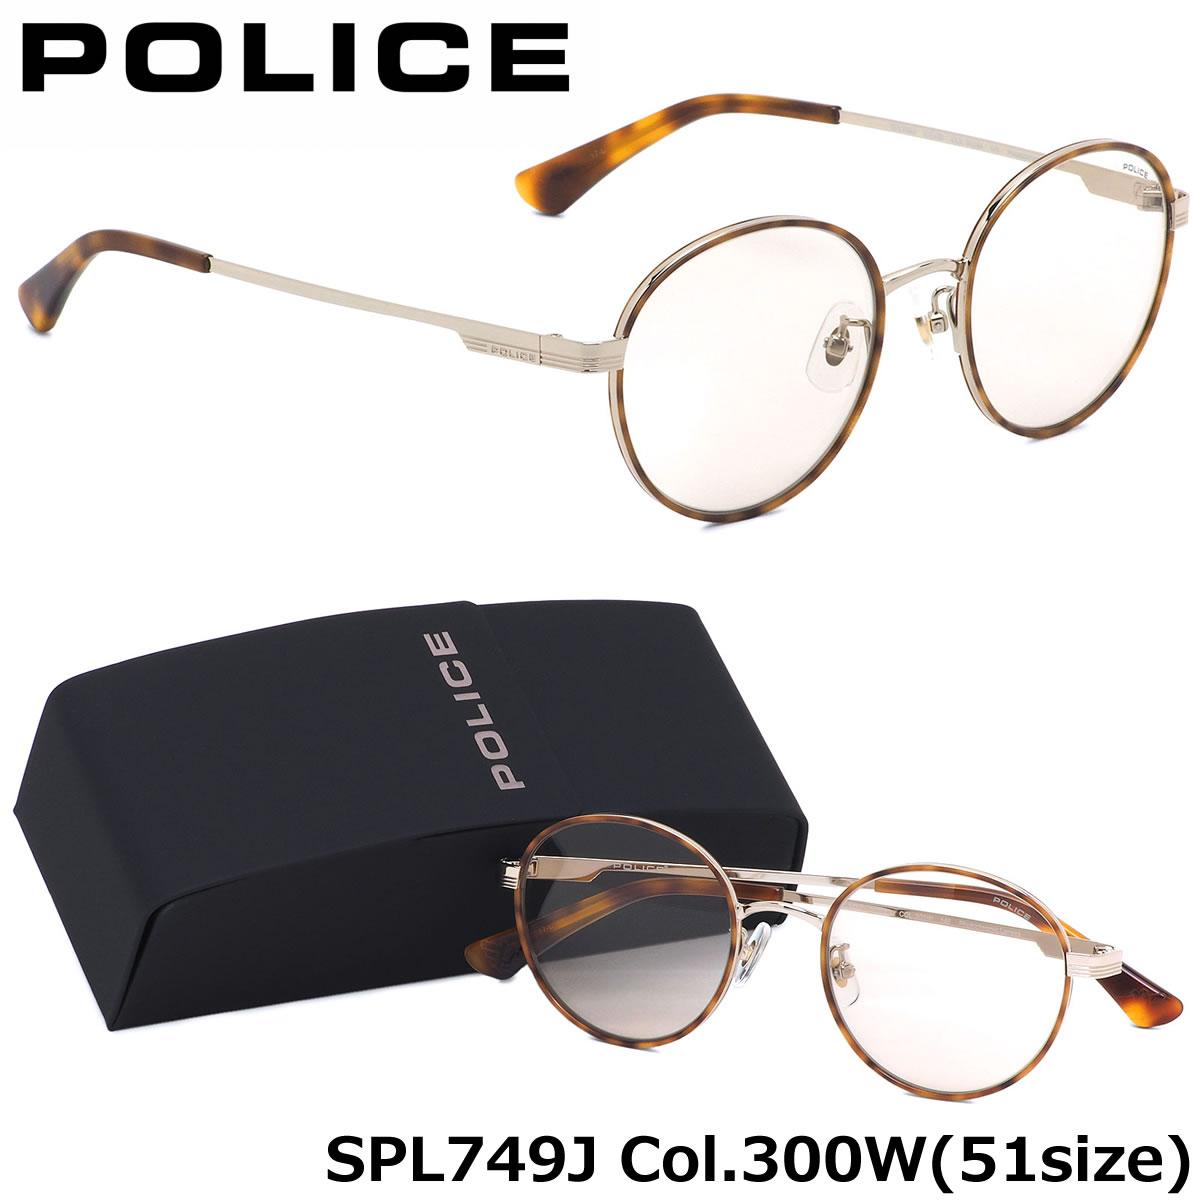 本日限定!ほぼ全品ポイント15倍~最大34倍+2倍+5倍! ポリス POLICE サングラスSPL749J 300W 51サイズPhotochromic Lenses 調光レンズ ラウンド ステンレスポリス POLICE メンズ レディース